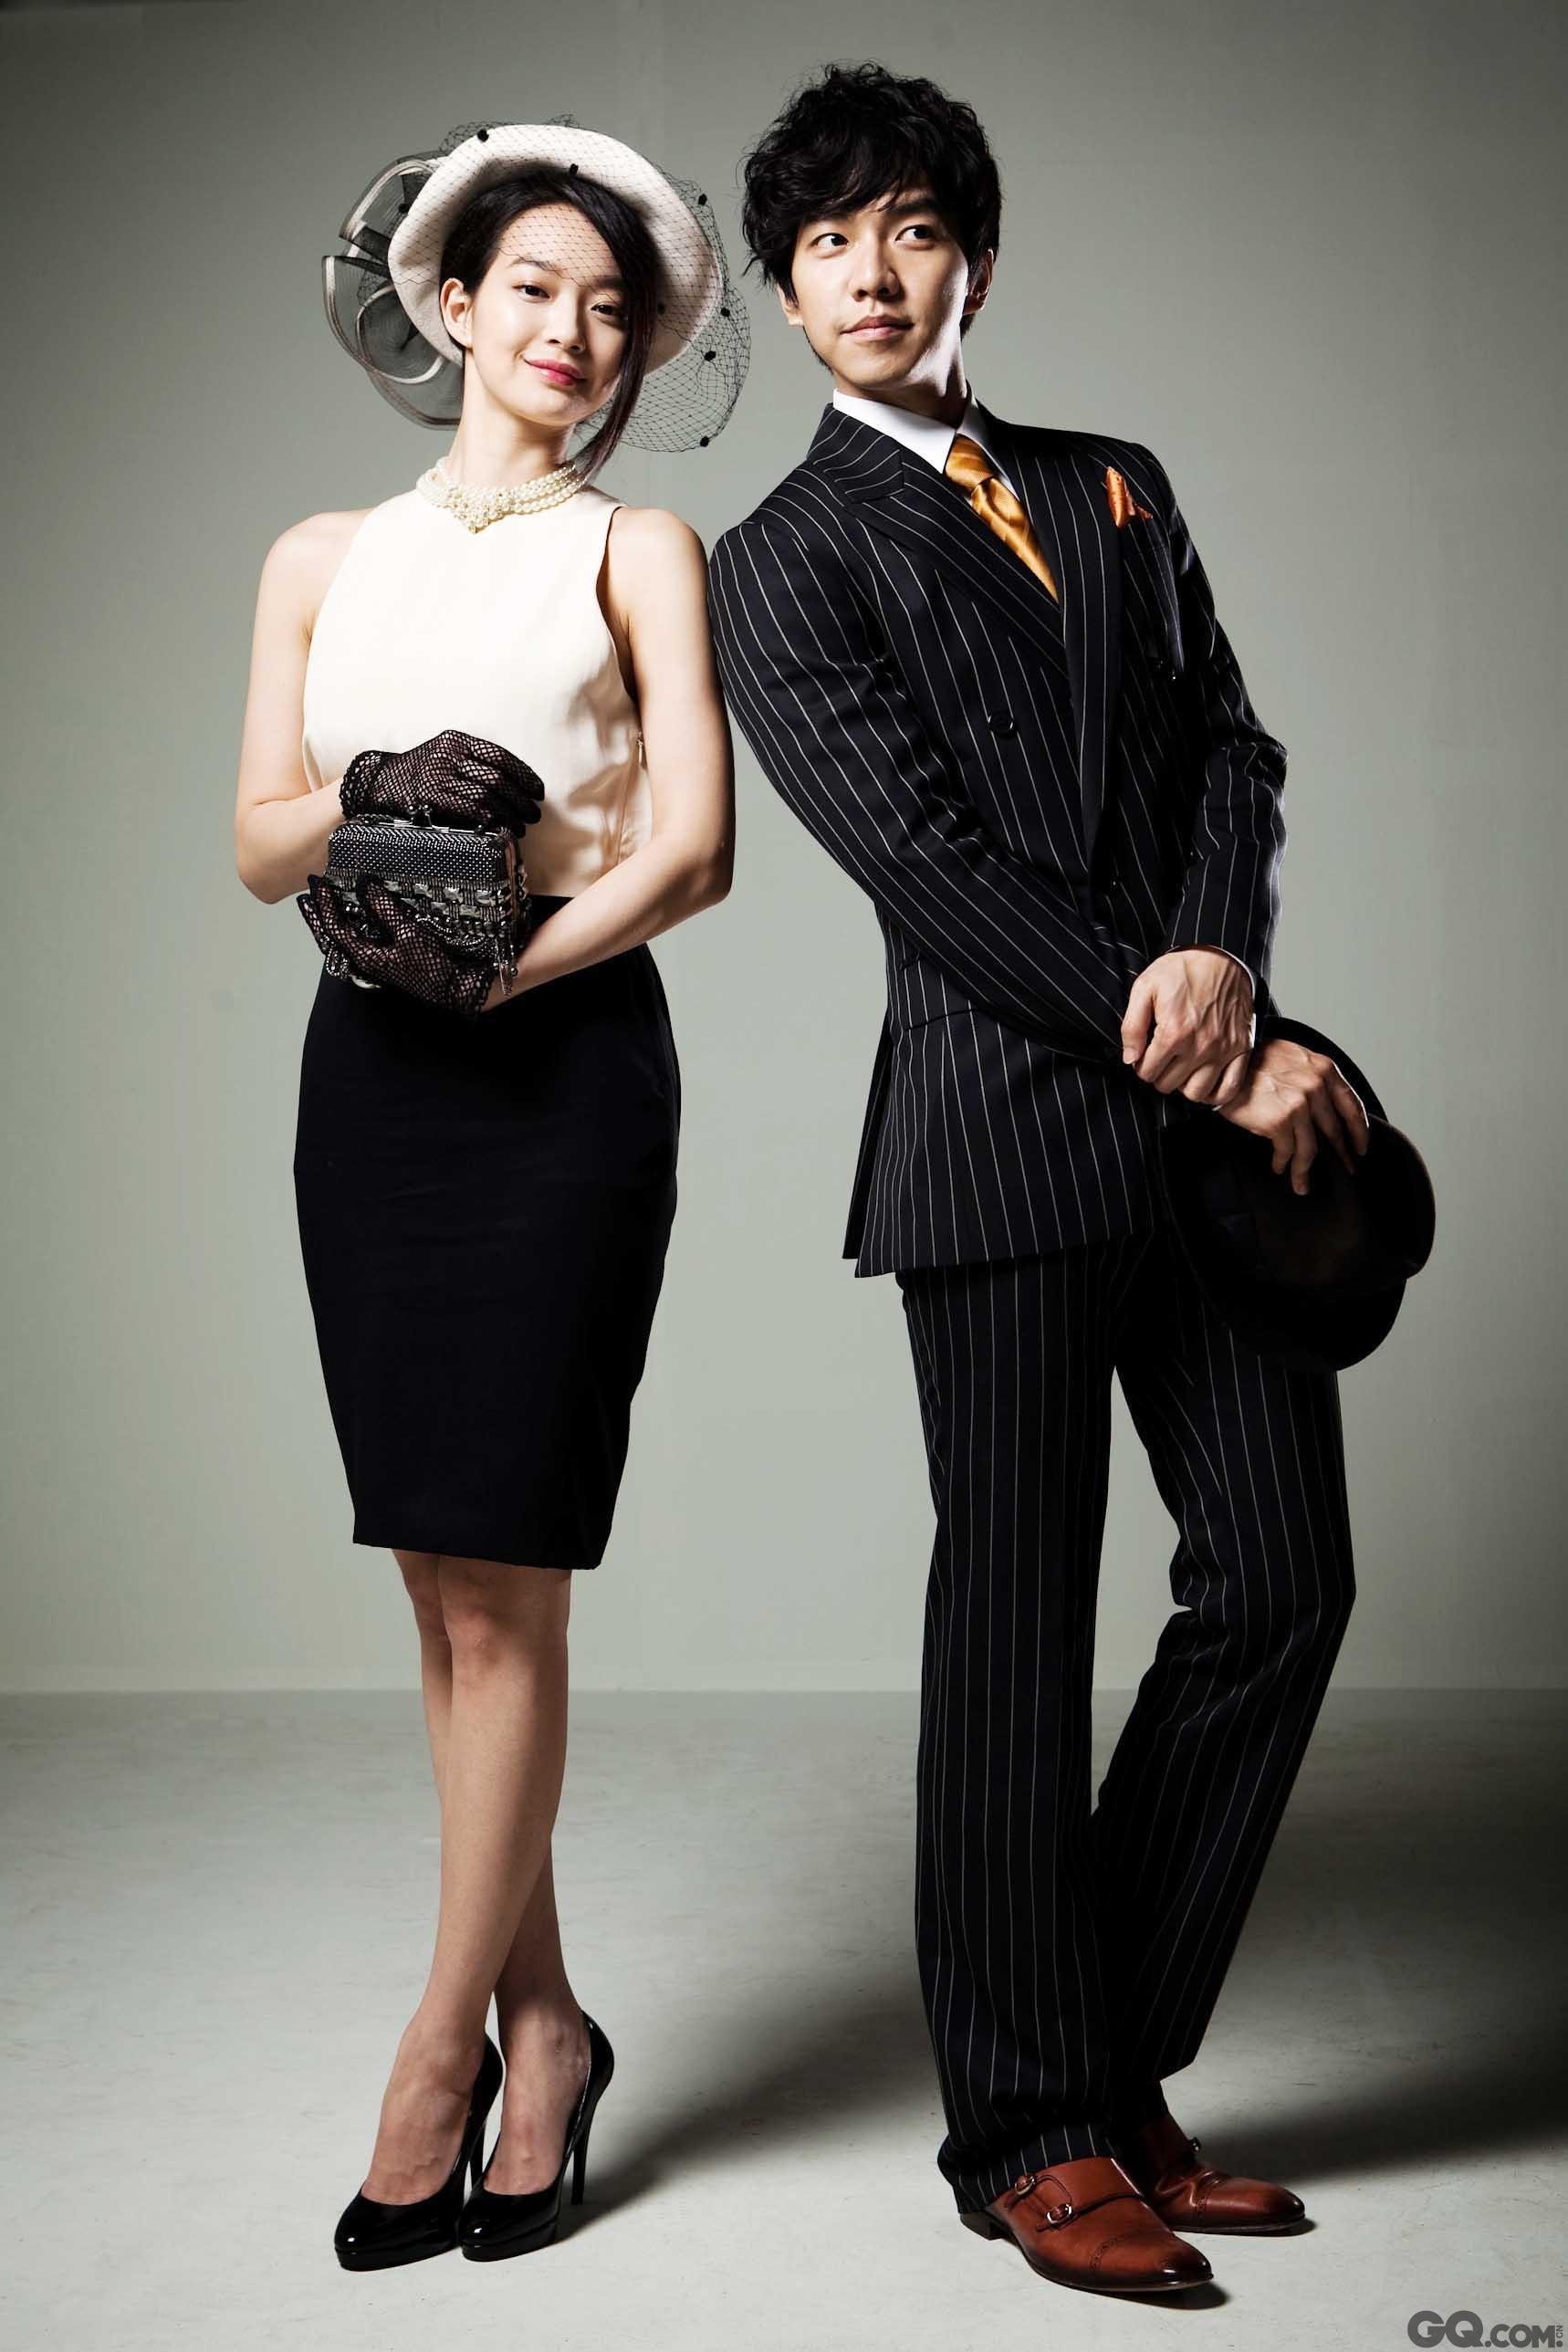 据韩国媒体报道,SBS电视剧《我的女友是九尾狐》在播出了李胜基与申敏儿的吻戏后,该剧收视率却并没有因此上升,反而降回了开播时的水准。莫非是观众们不喜欢这对组合?